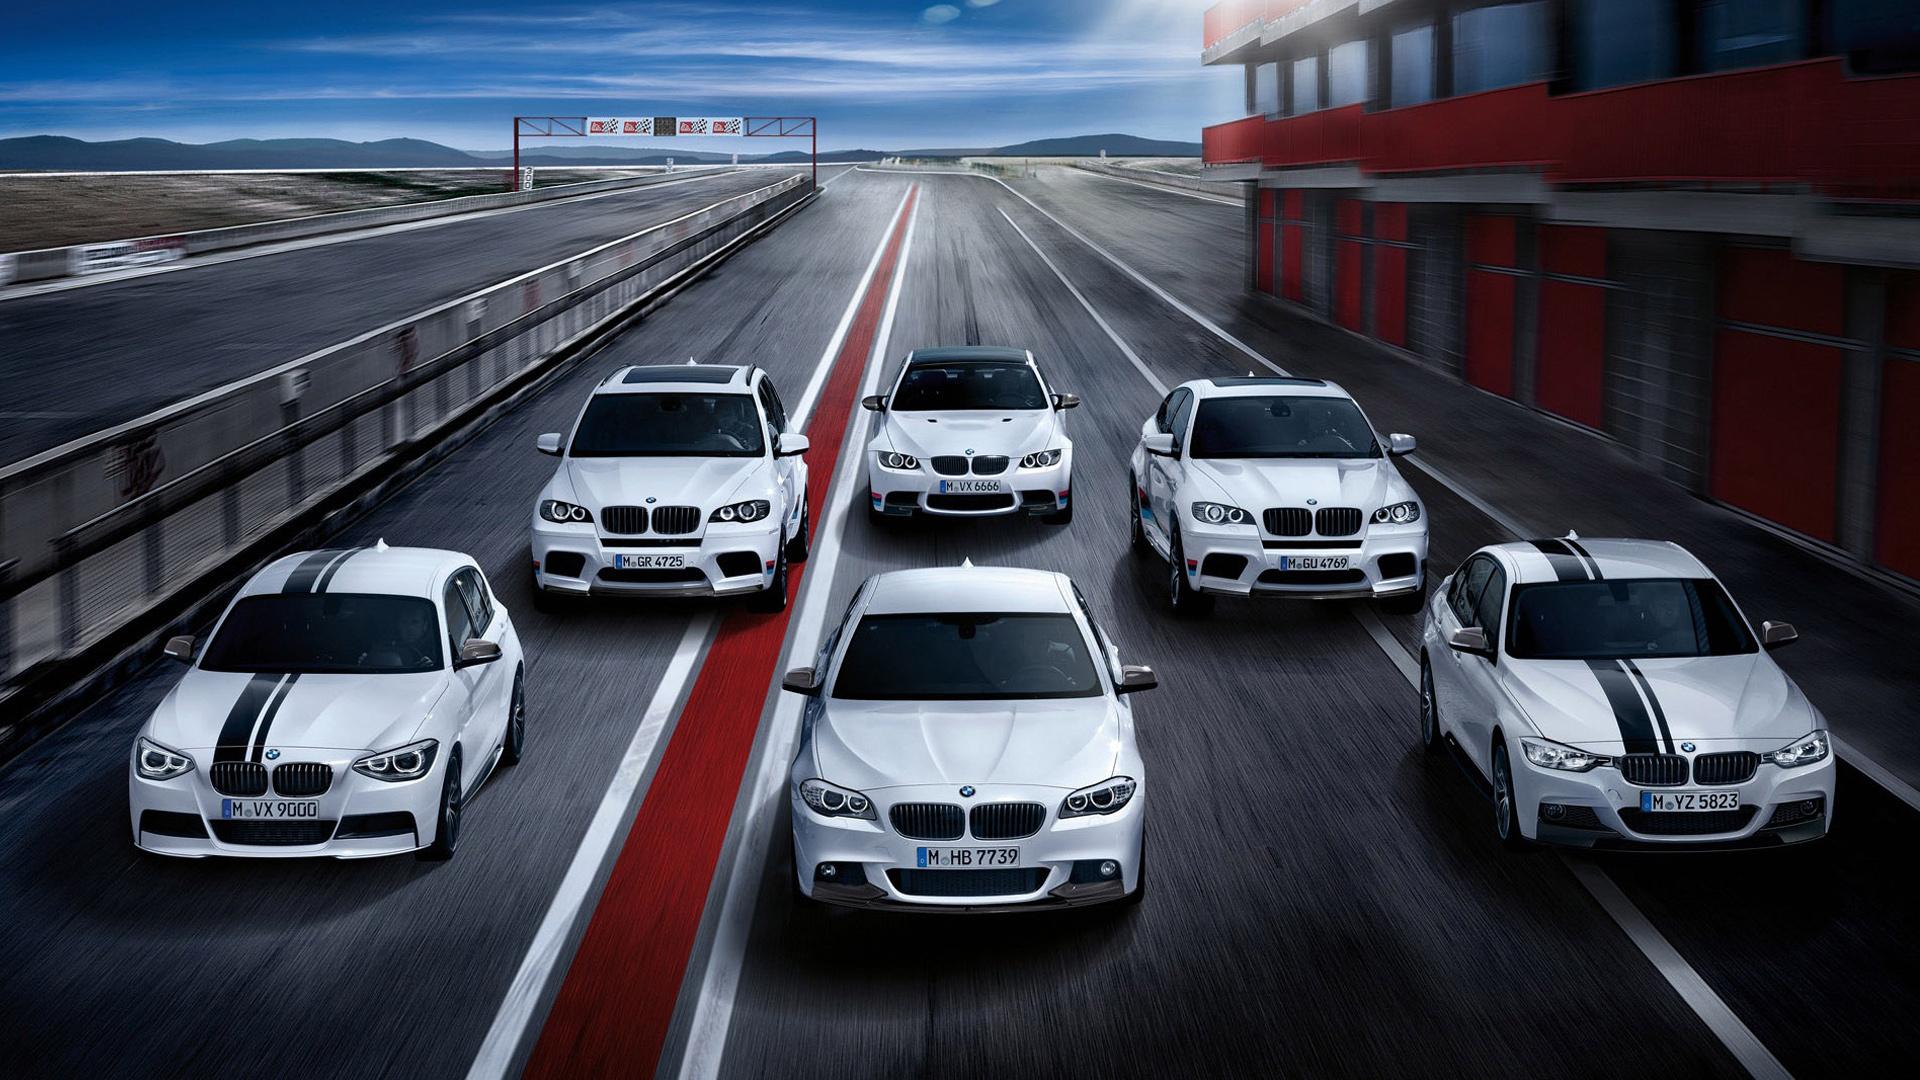 M Performance BMW F30 3 Series Wallpaper HD Car Wallpapers ID 1920x1080